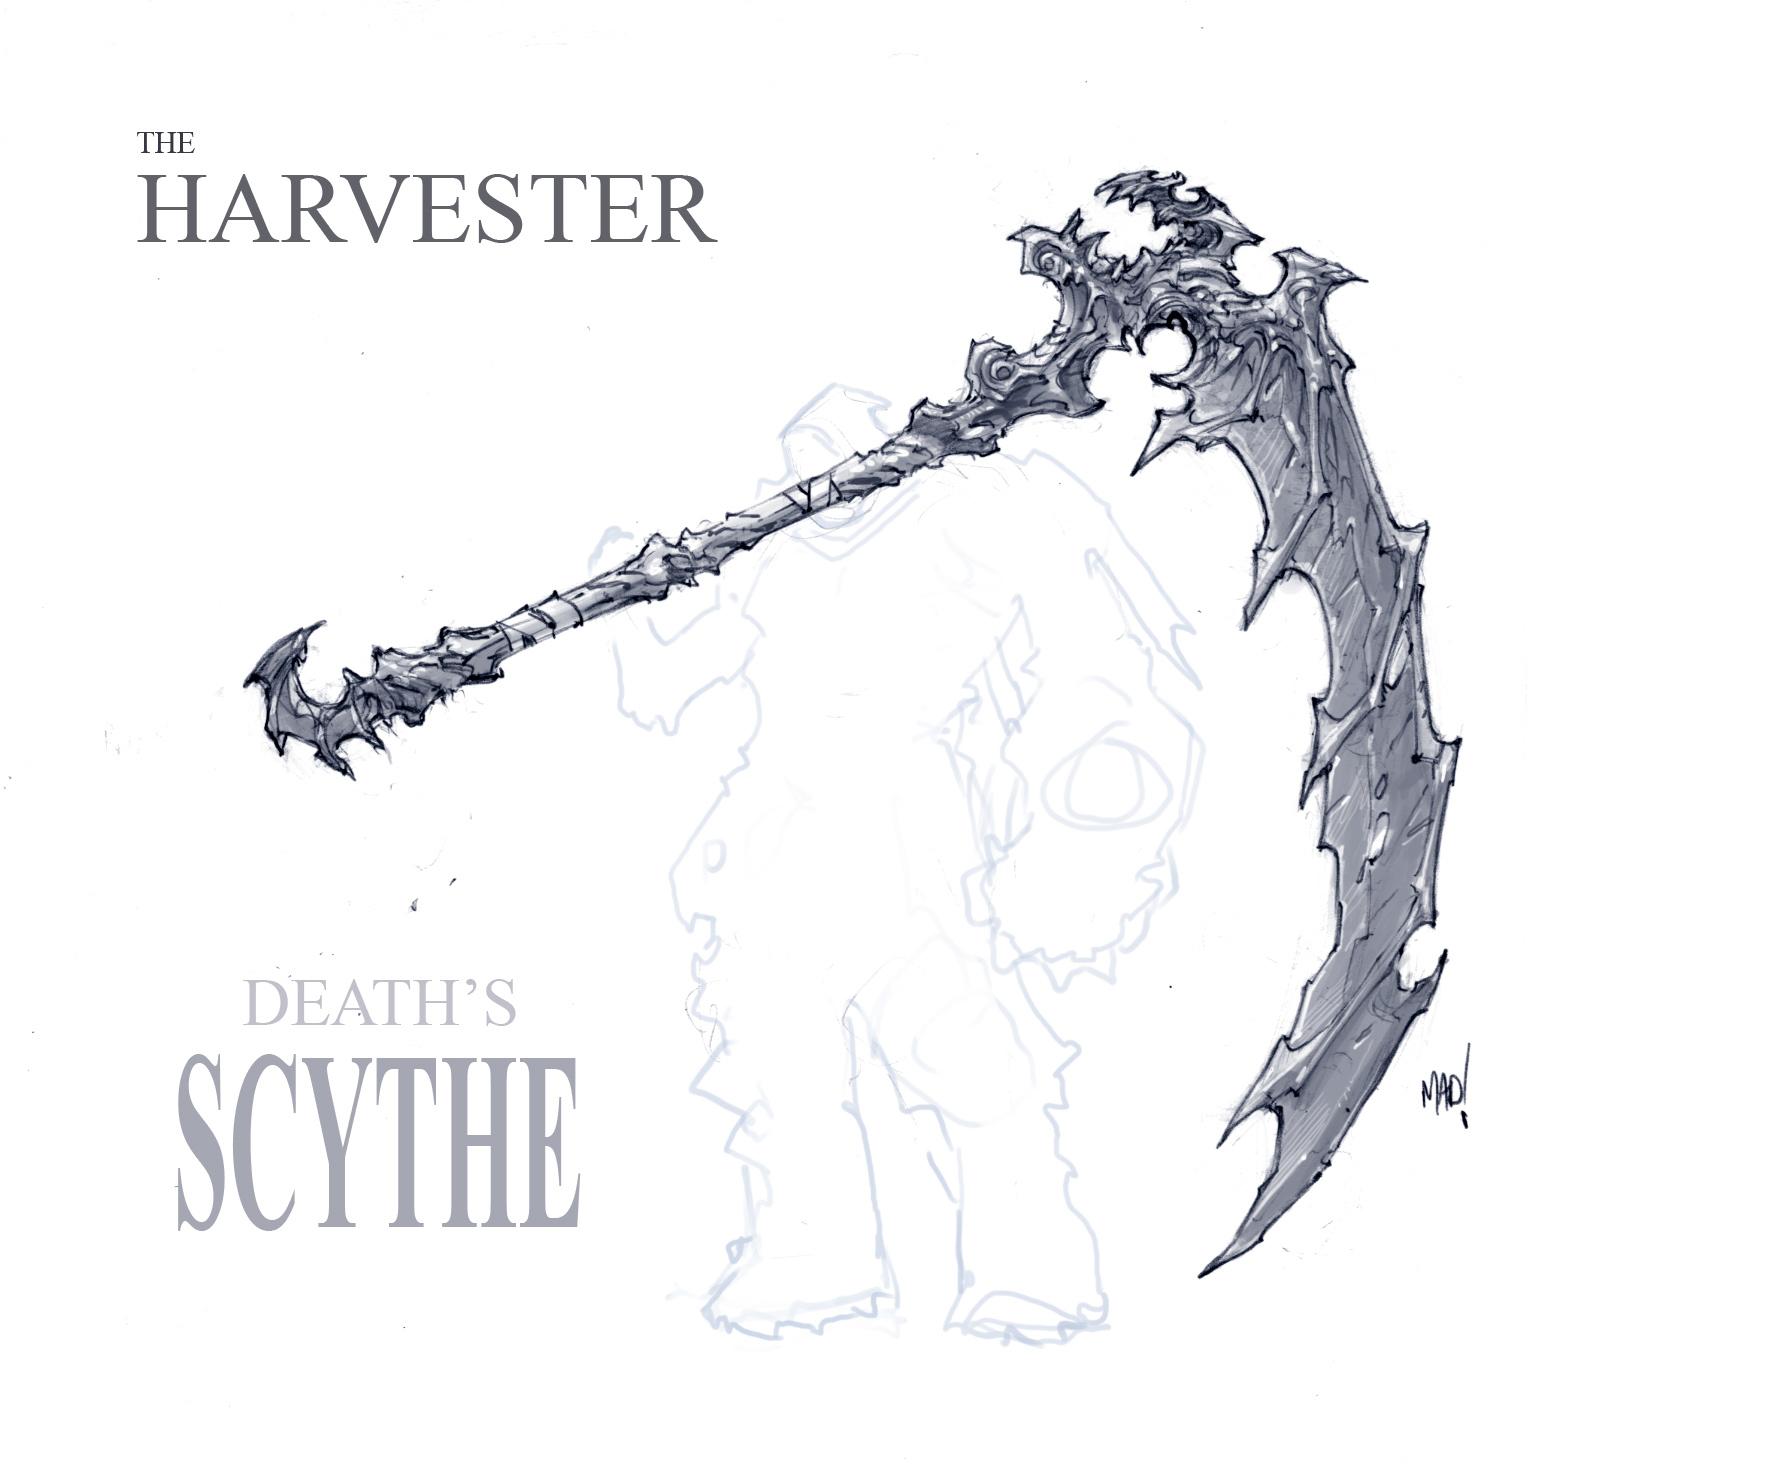 Drawn scythe dante's Scythe (Character) Bomb Death's Harvester